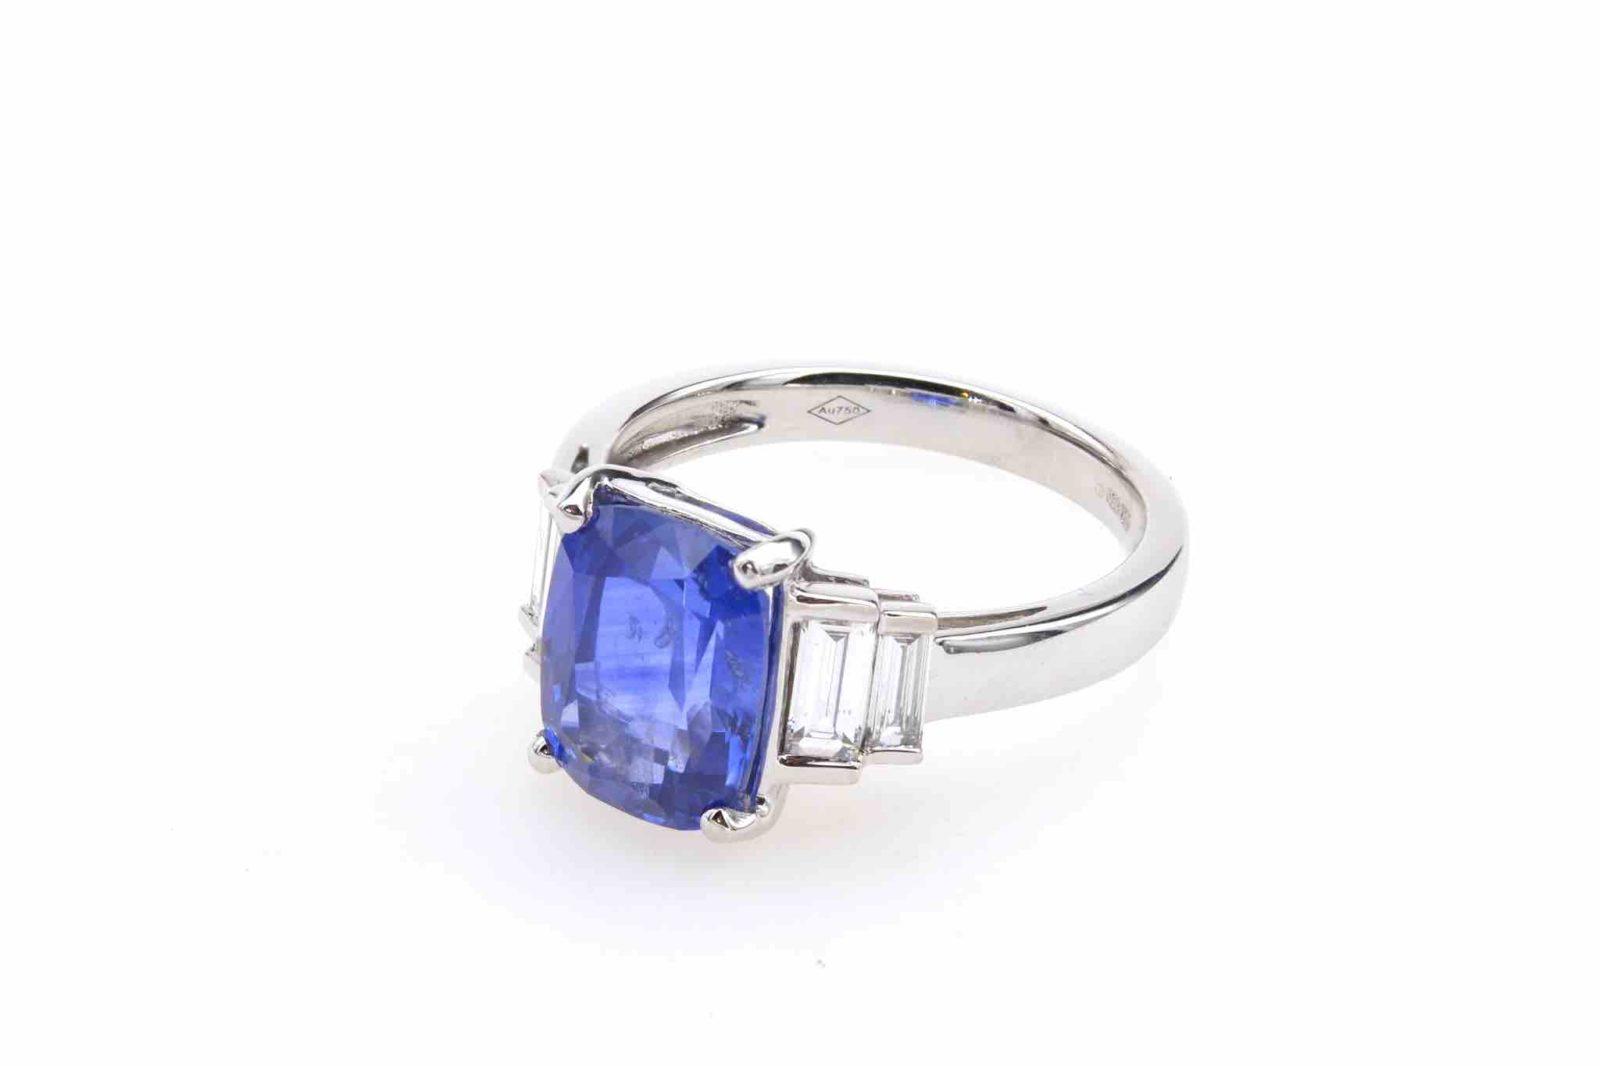 Bague saphir et diamants baguettes en or blanc 18k